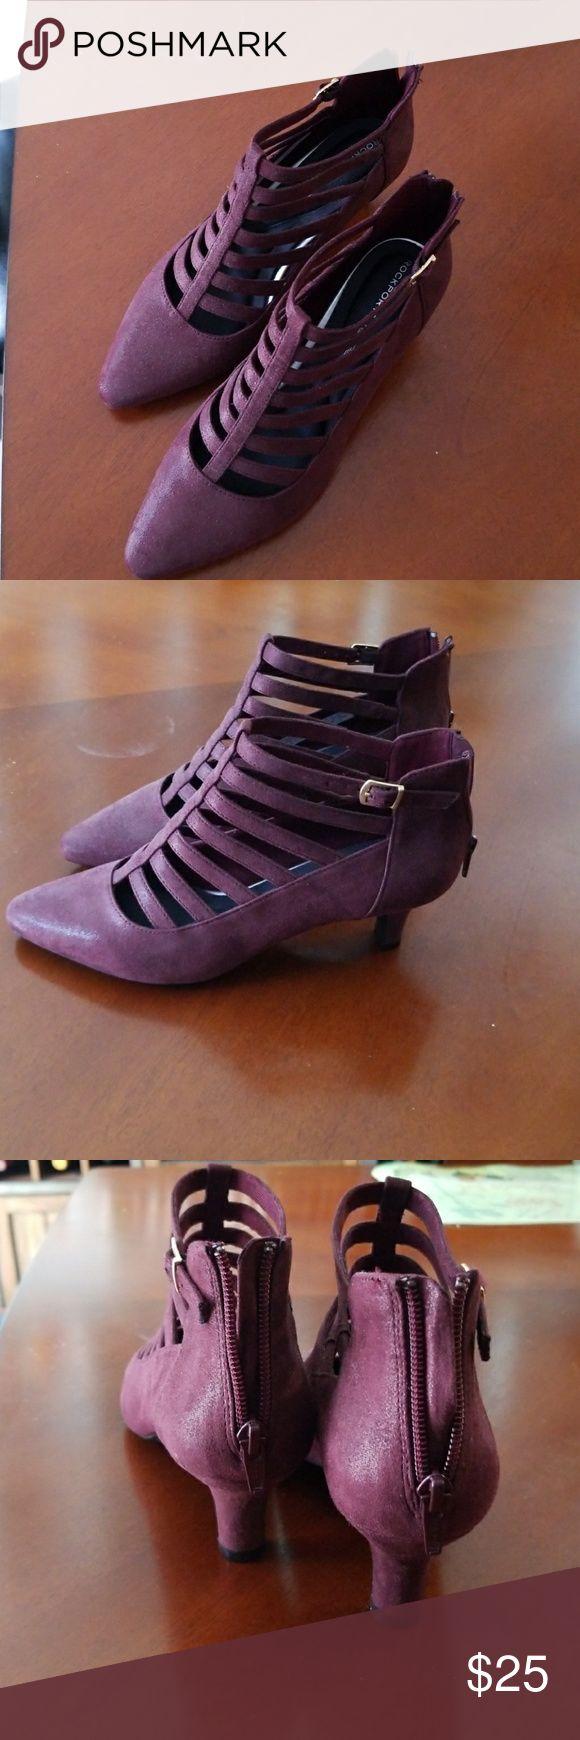 Rockport shoes never worn Suede pumps burgundy back zip Rockport Shoes Heels